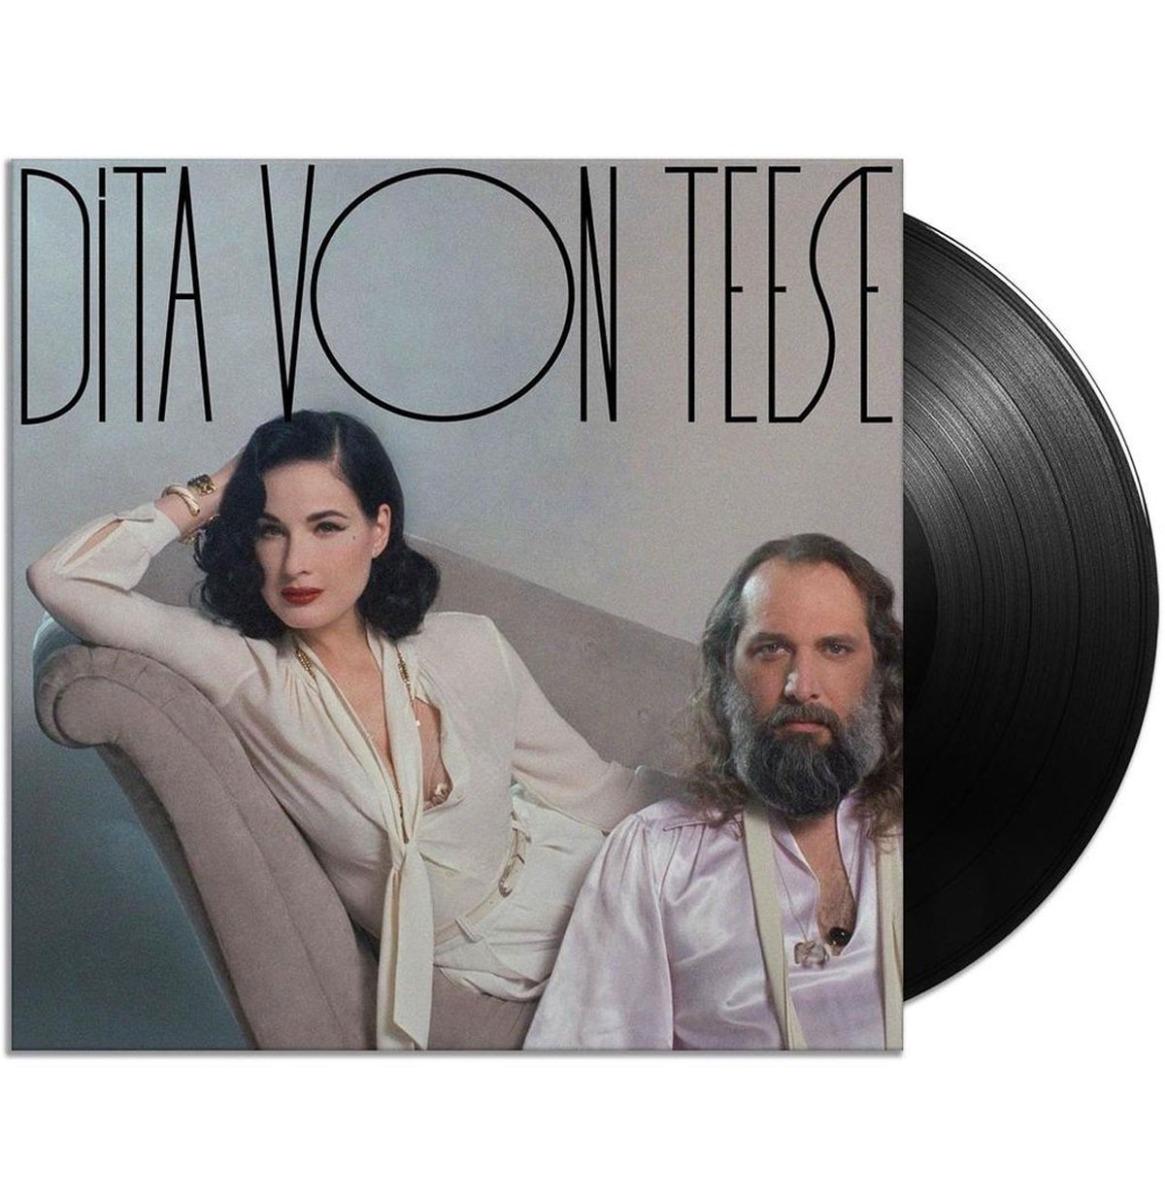 Dita Von Teese - Dita Von Teese LP